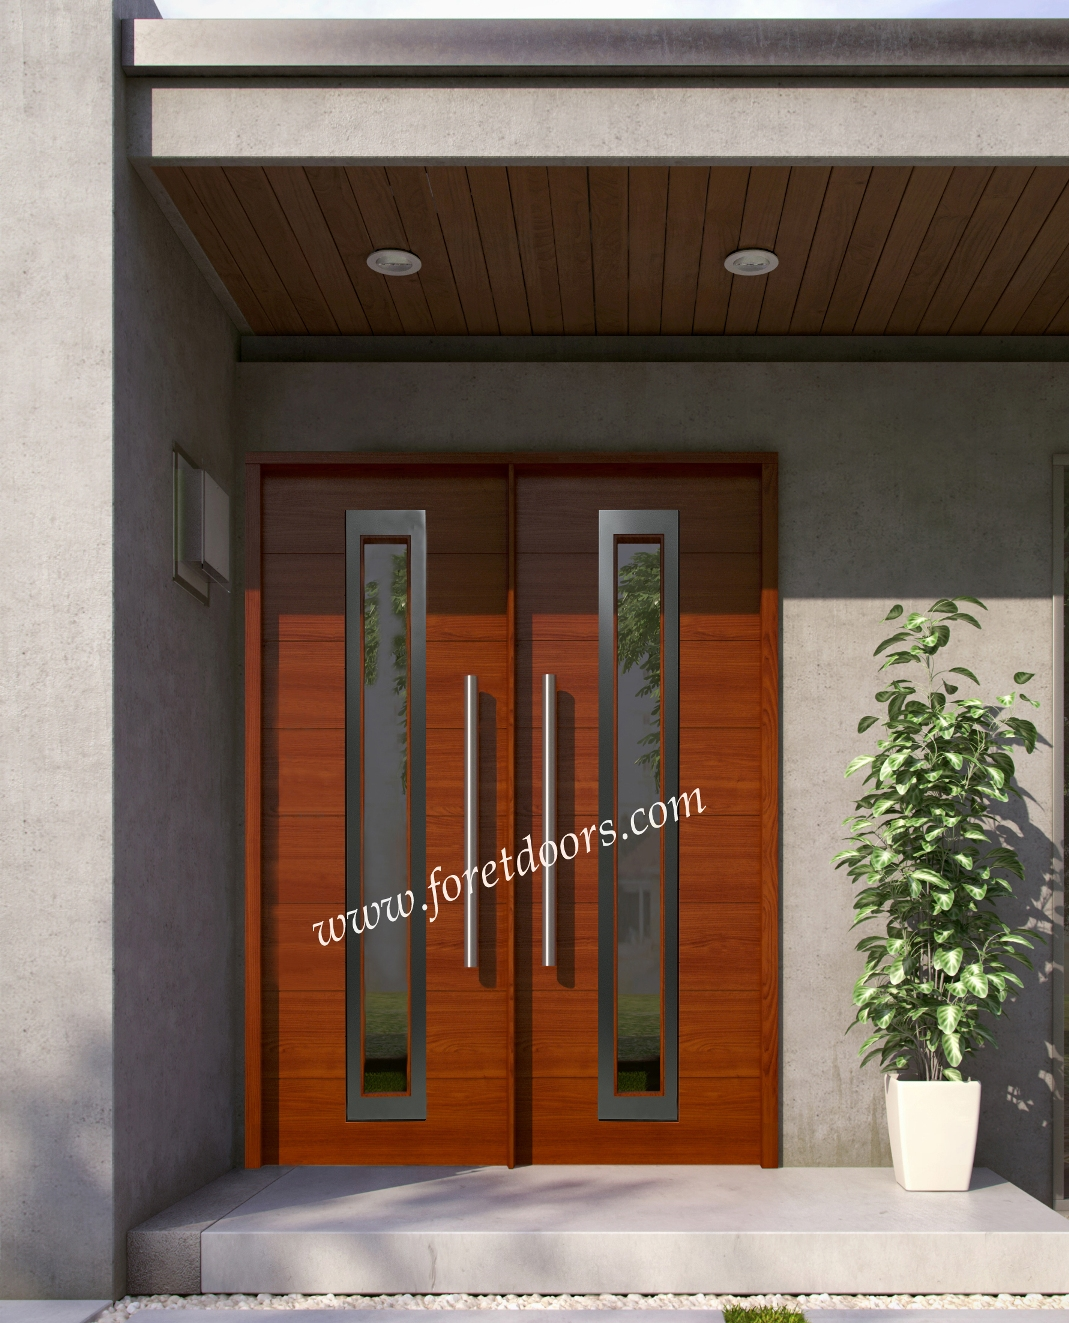 1323 #783414   Stock Wood Front Doors Pictures To Pin On Pinterest wallpaper Discount Front Doors 41451069